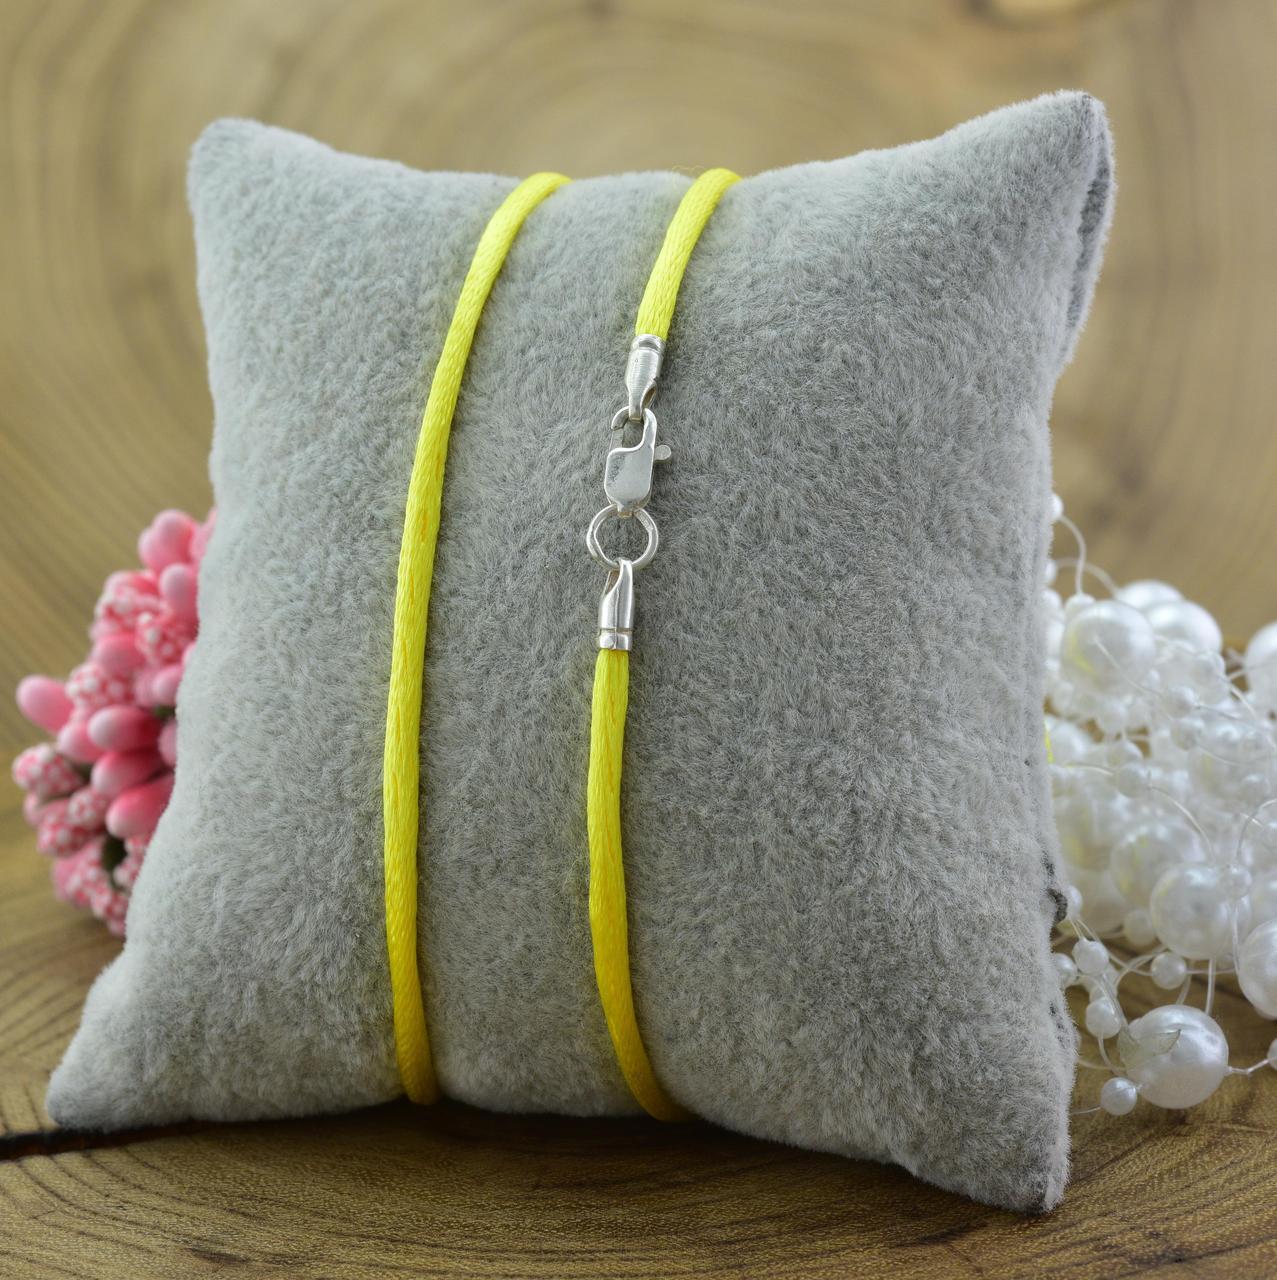 Шнурок шелковый цвет лимонный длина 35 см ширина 2 мм вес серебра 0.7 г